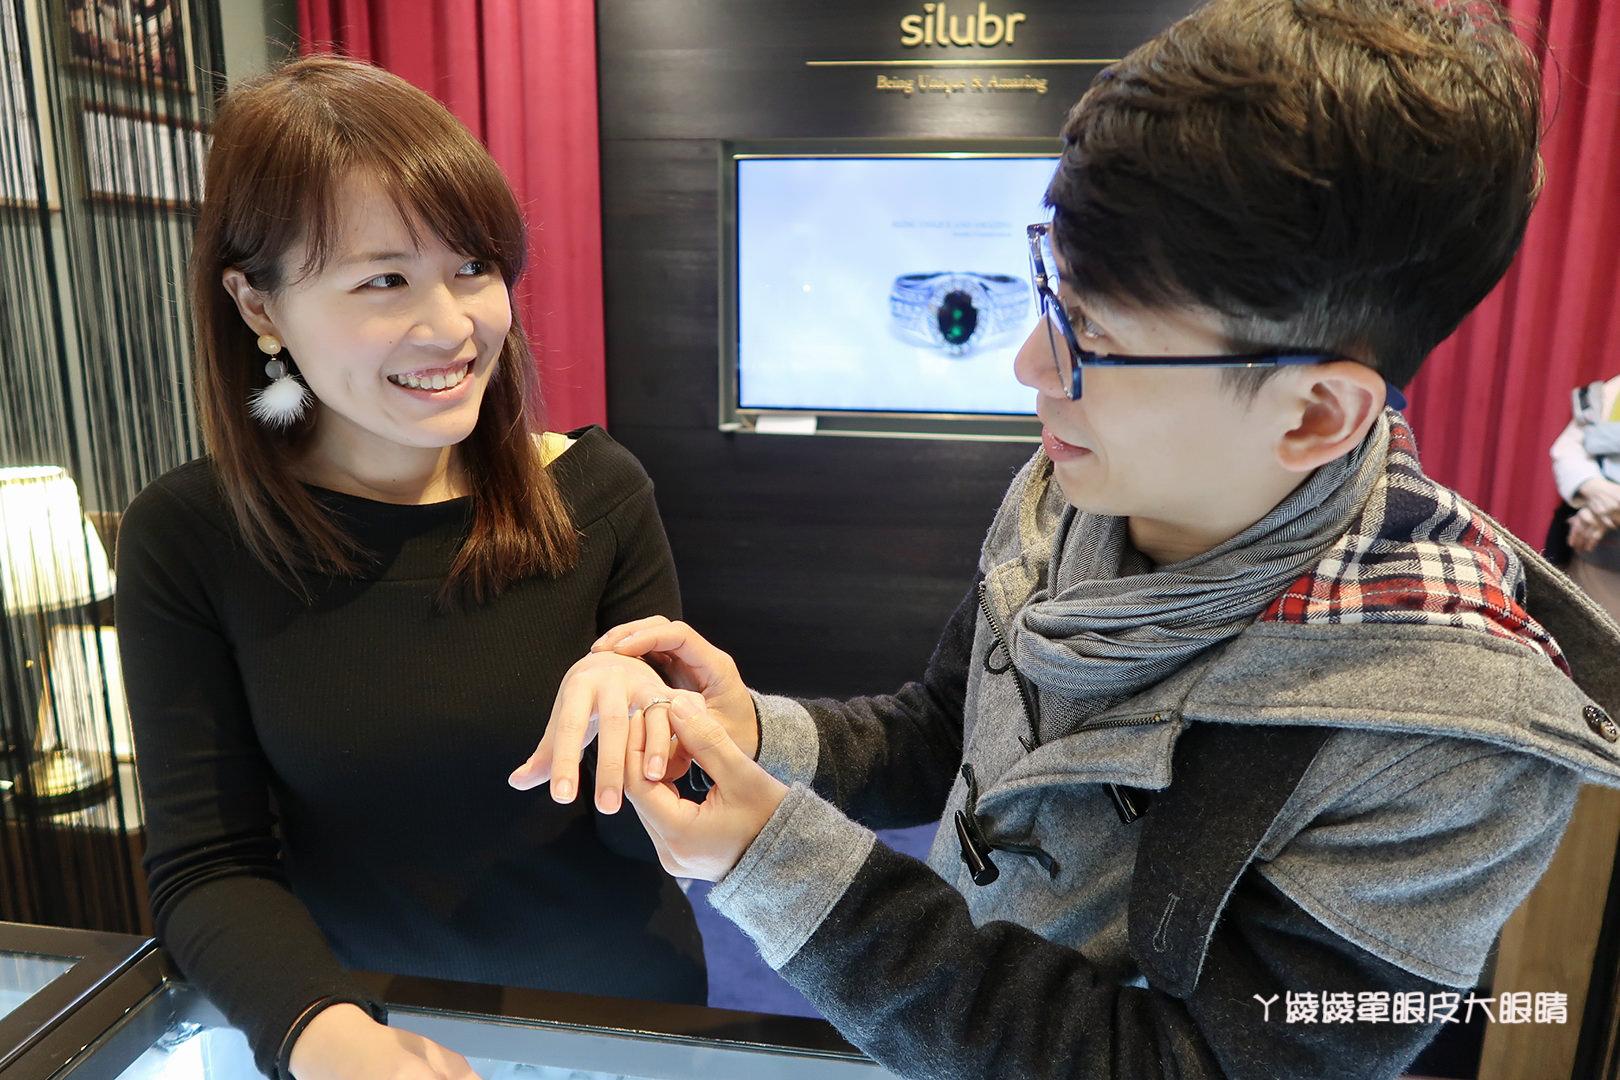 新竹鑽戒推薦《施鉑silubr》,值得紀念一輩子的婚戒